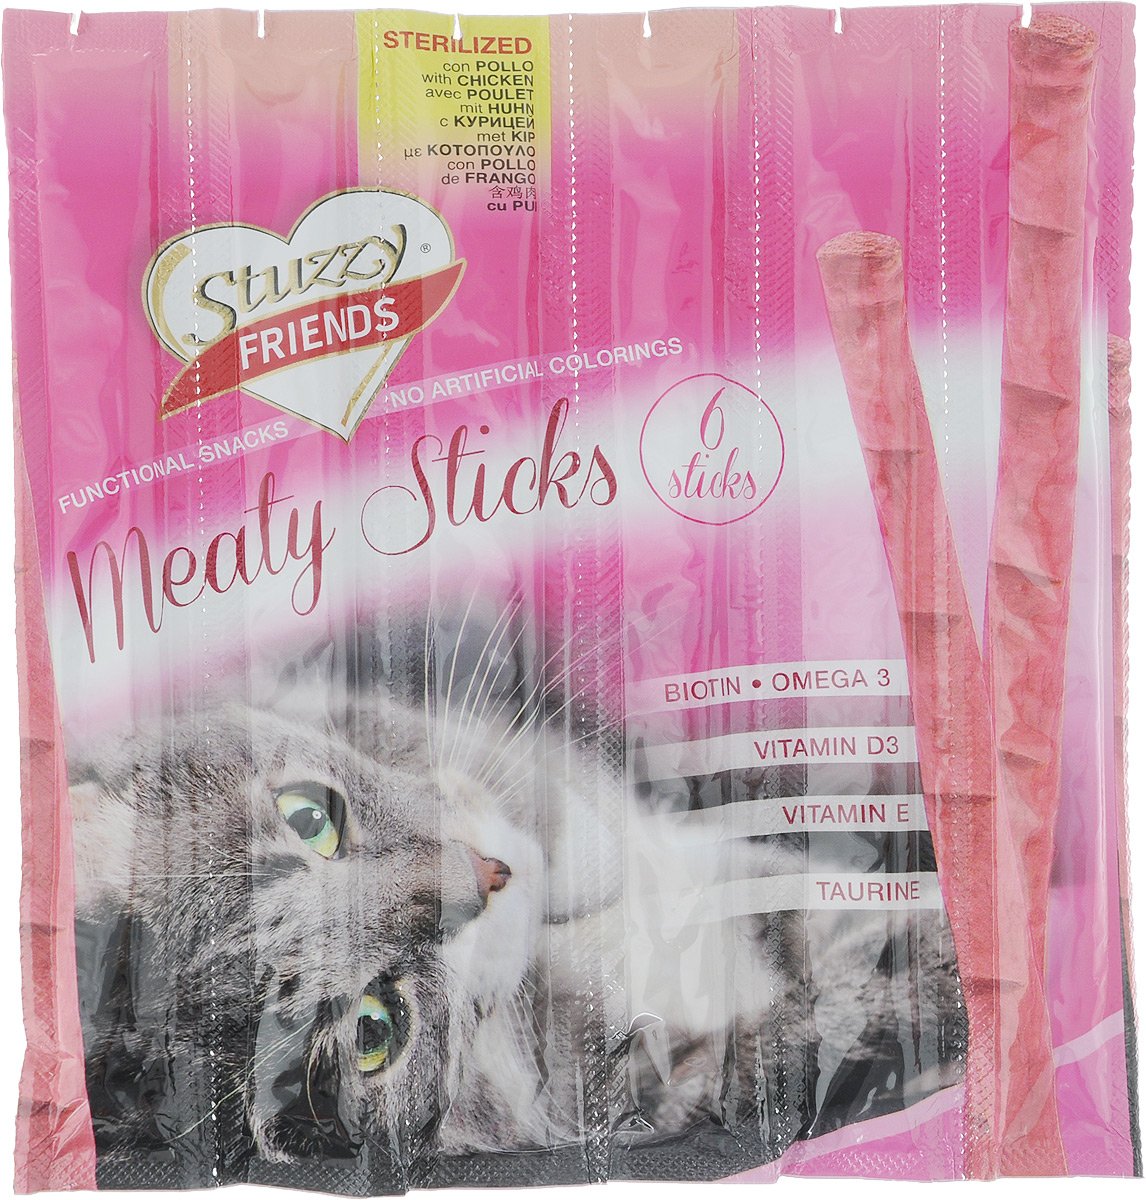 Лакомство для взрослых кошек Stuzzy Friend. Палочки, для стерилизованных кошек, курица, 5 шт132.C3602Палочки Stuzzy Friend. Палочка - вкусное и здоровое угощение для кошек. Лакомство обогащено таурином и витамином Е для поддержания правильной работы сердца и иммунной системы. Инулин обеспечивает всасывание питательных веществ, а биотин способствуют великолепному внешнему виду кожи и шерсти. Оригинальная форма и текстура помогают чистить зубы кошки от налета. Не содержат искусственных красителей. Лакомство предназначено для взрослых стерилизованных кошек. Товар сертифицирован.